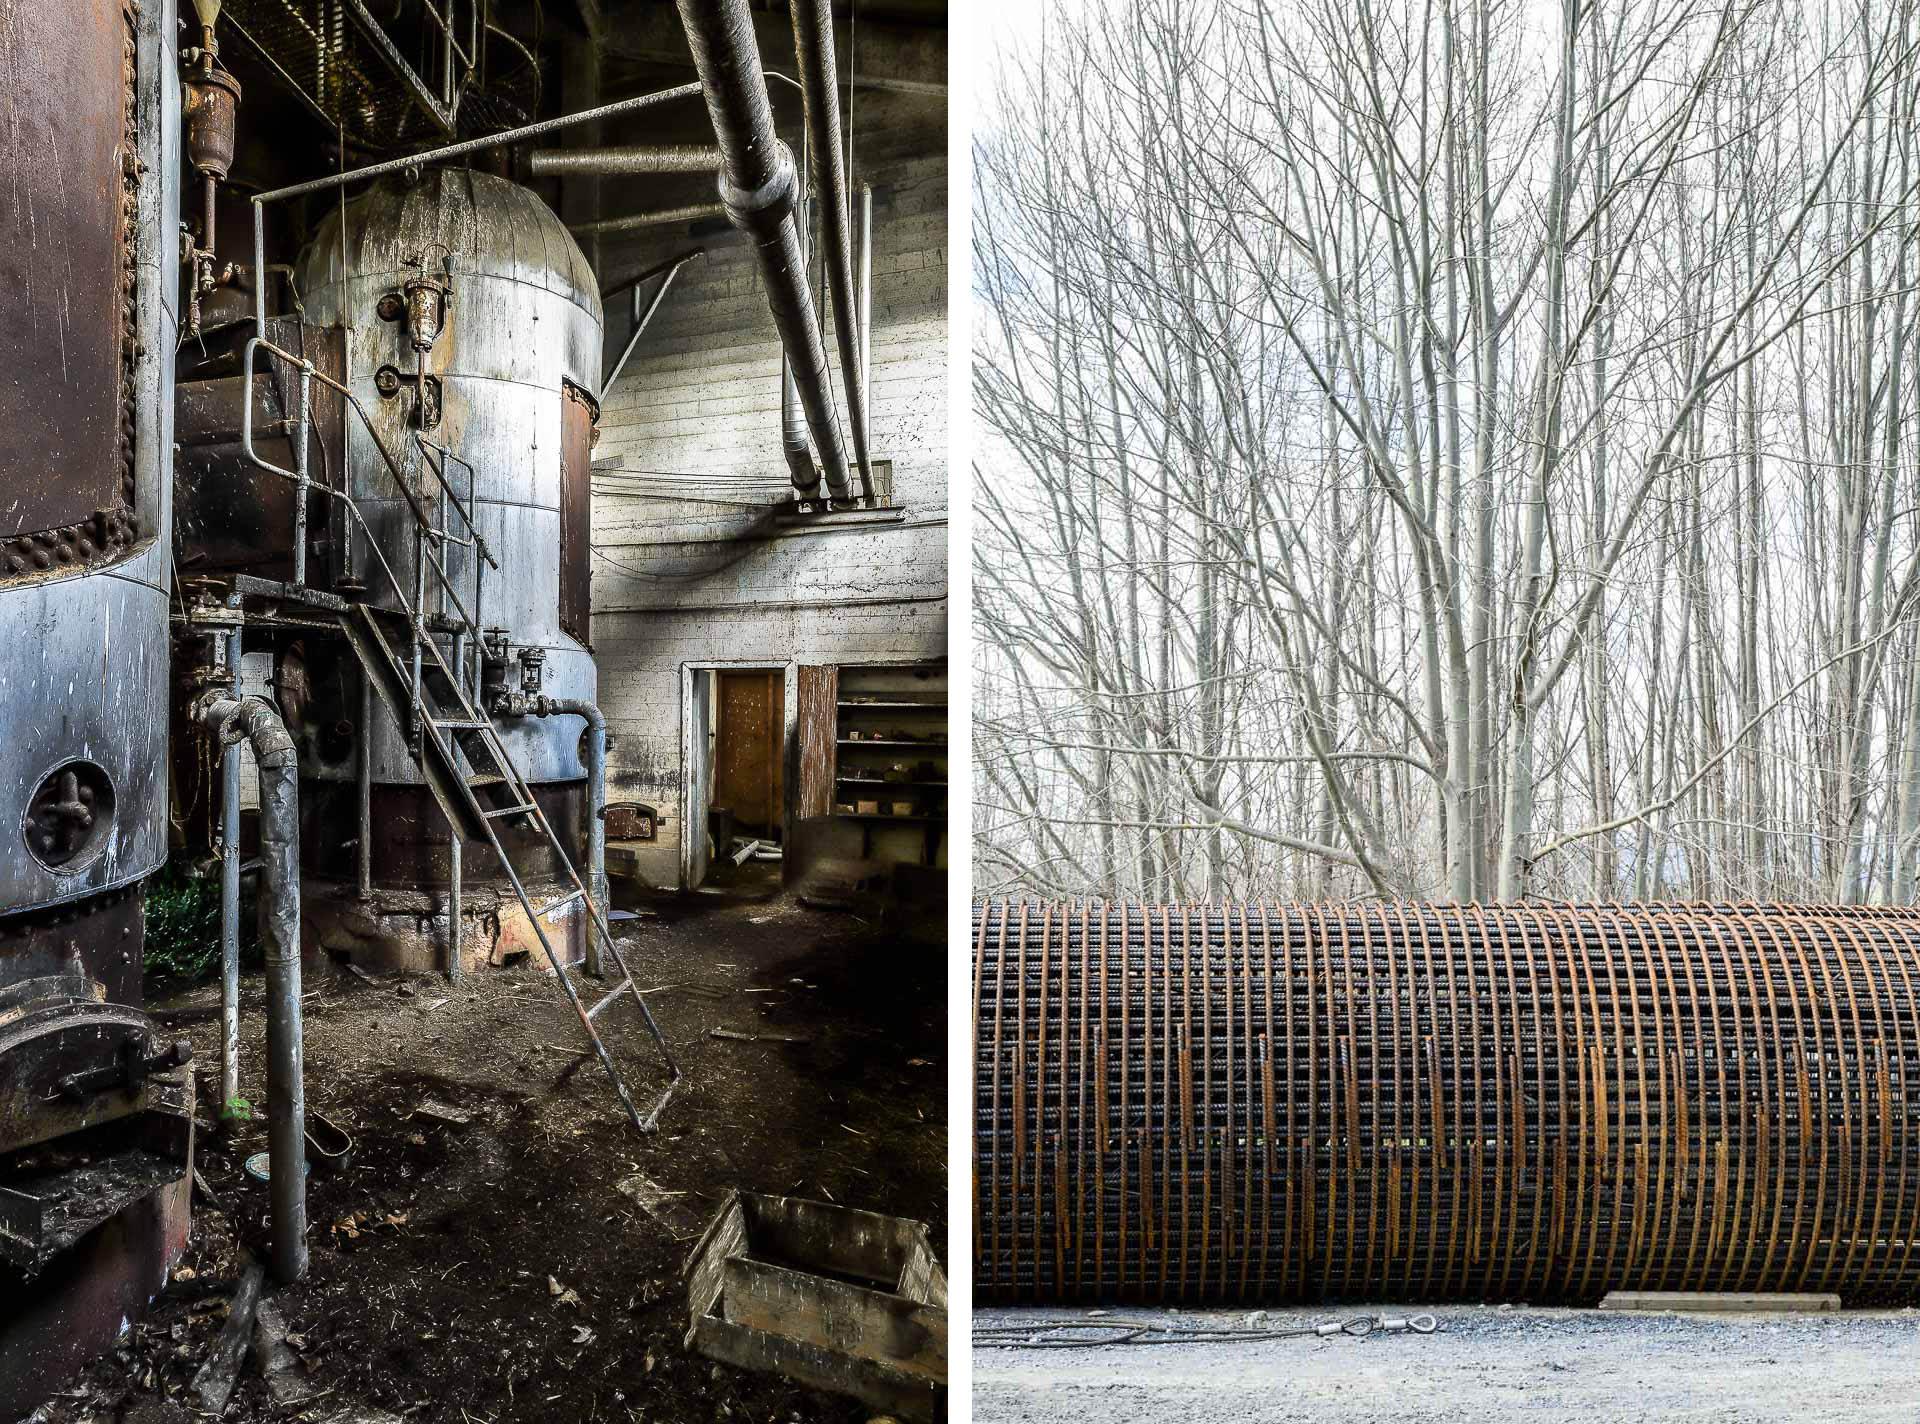 boilers-steel-cage-winter-trees.jpg